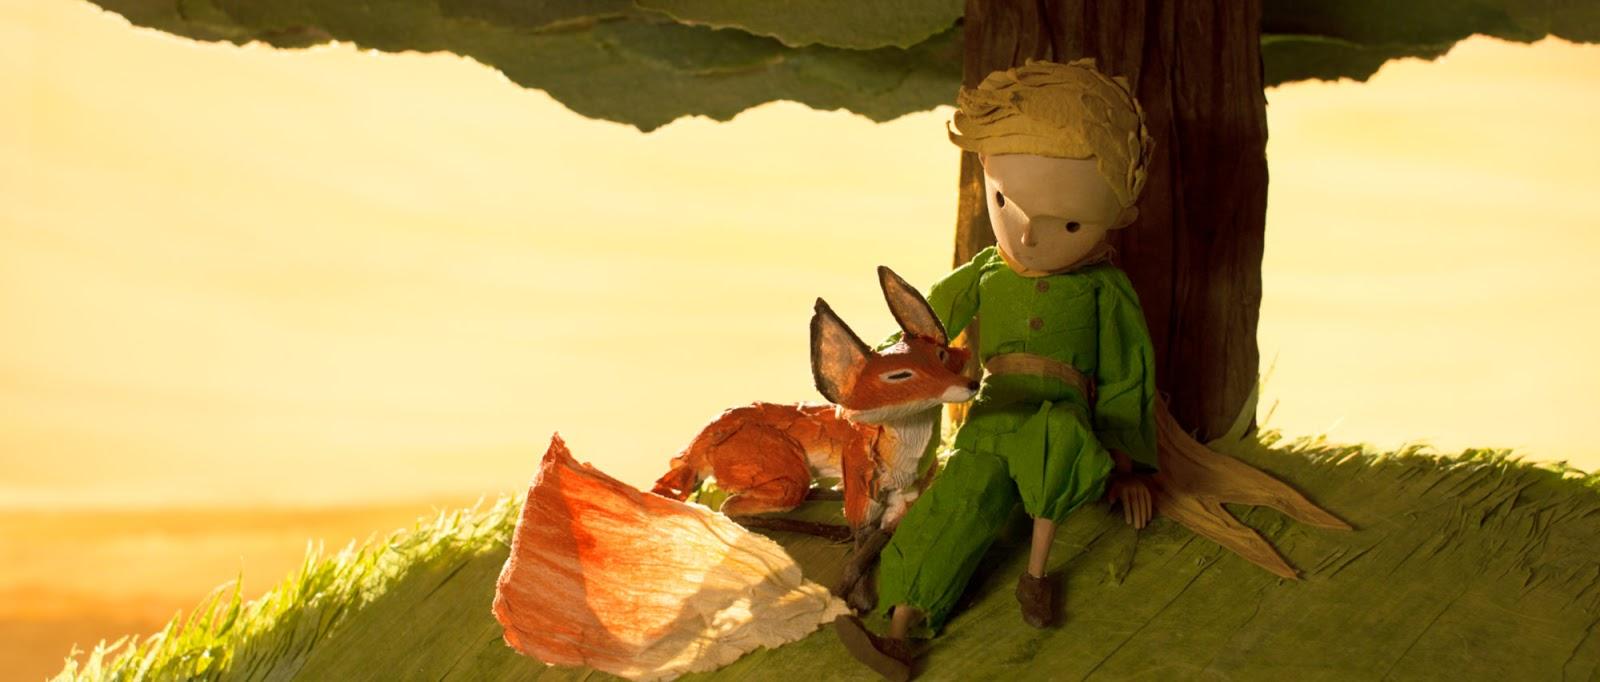 piccolo-principe-volpe